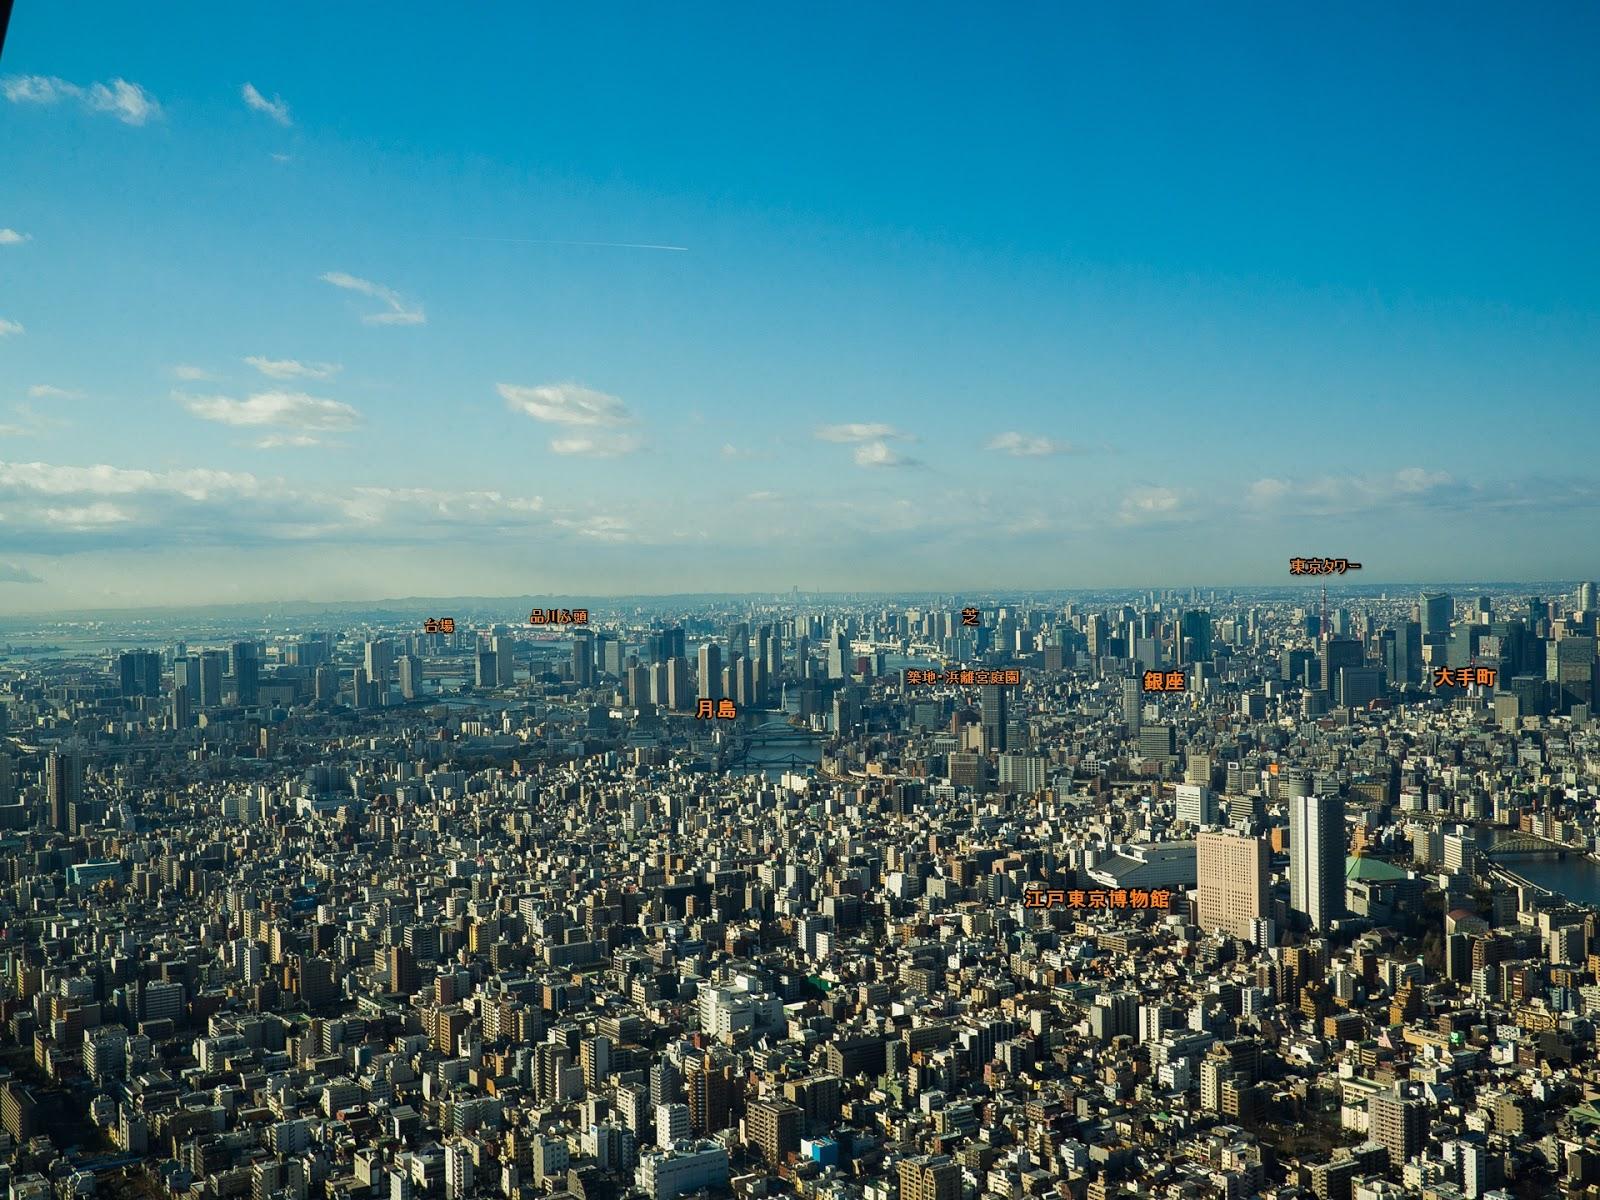 東京スカイツリー展望デッキから、南南西(銀座方面)の風景